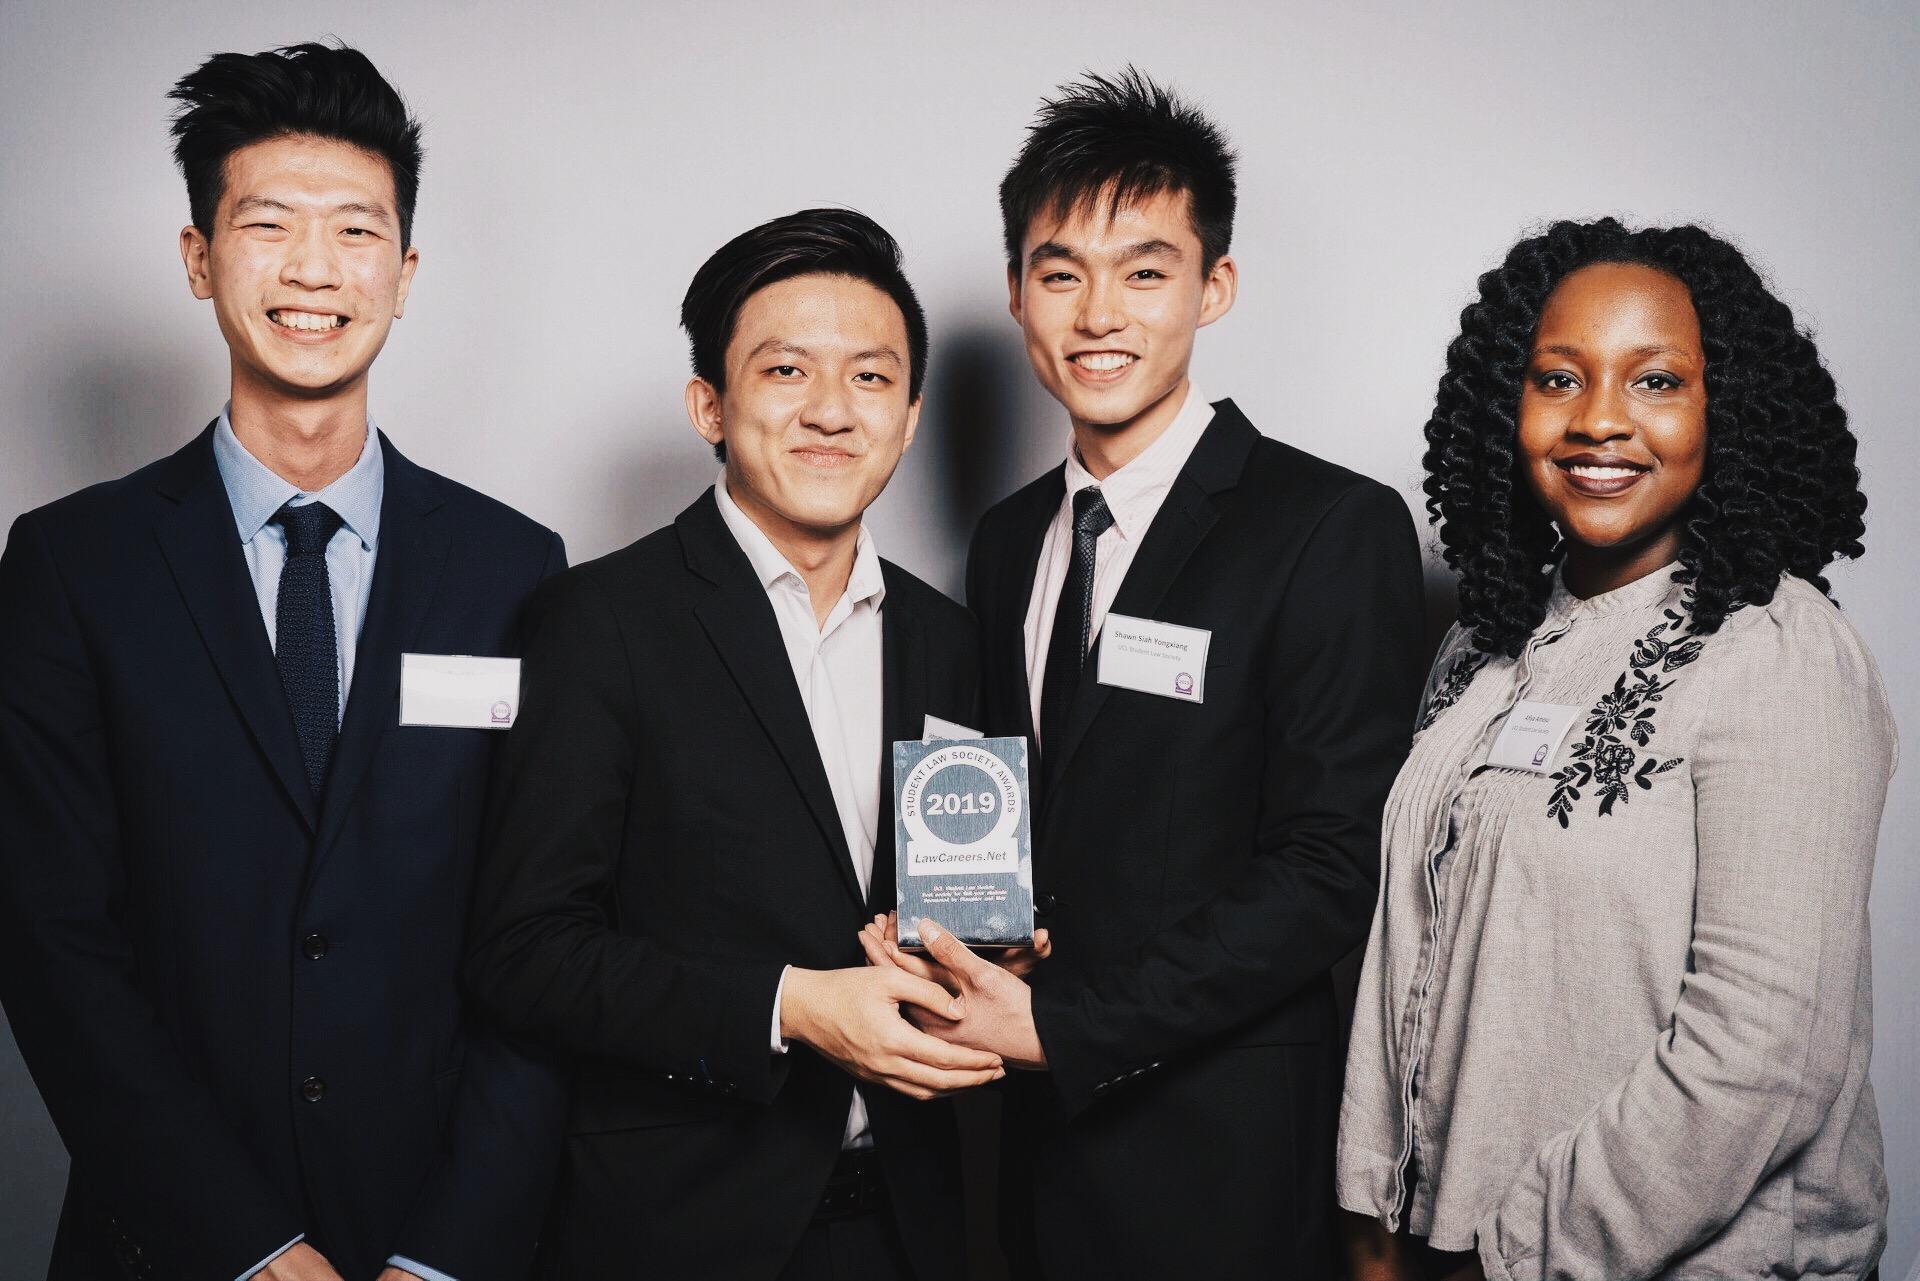 UCL Law Society win at Law Society Awards